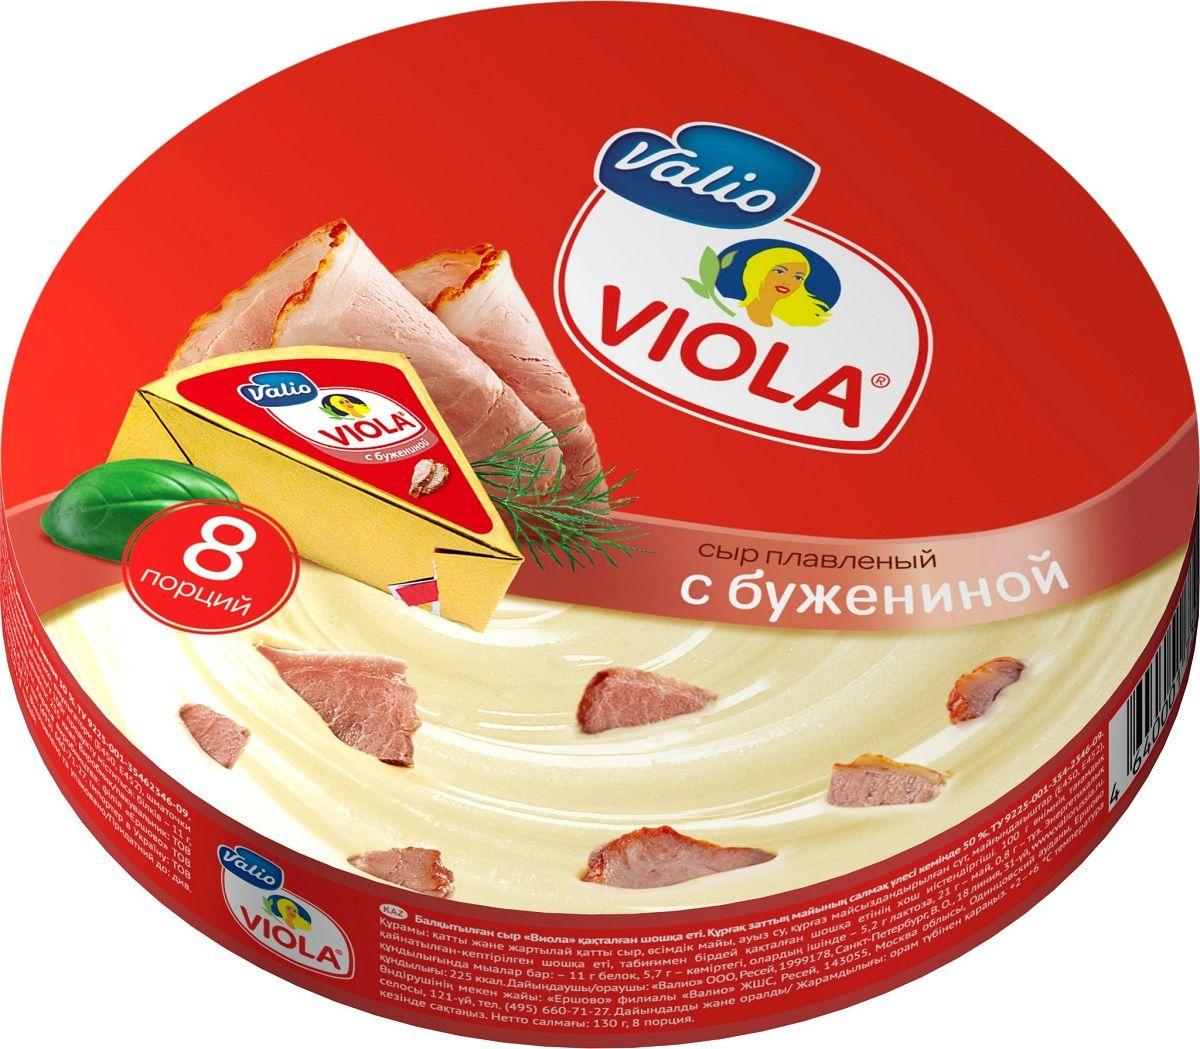 Valio Viola Сыр с бужениной, плавленый, 130 г valio viola сыр с лисичками плавленый 400 г